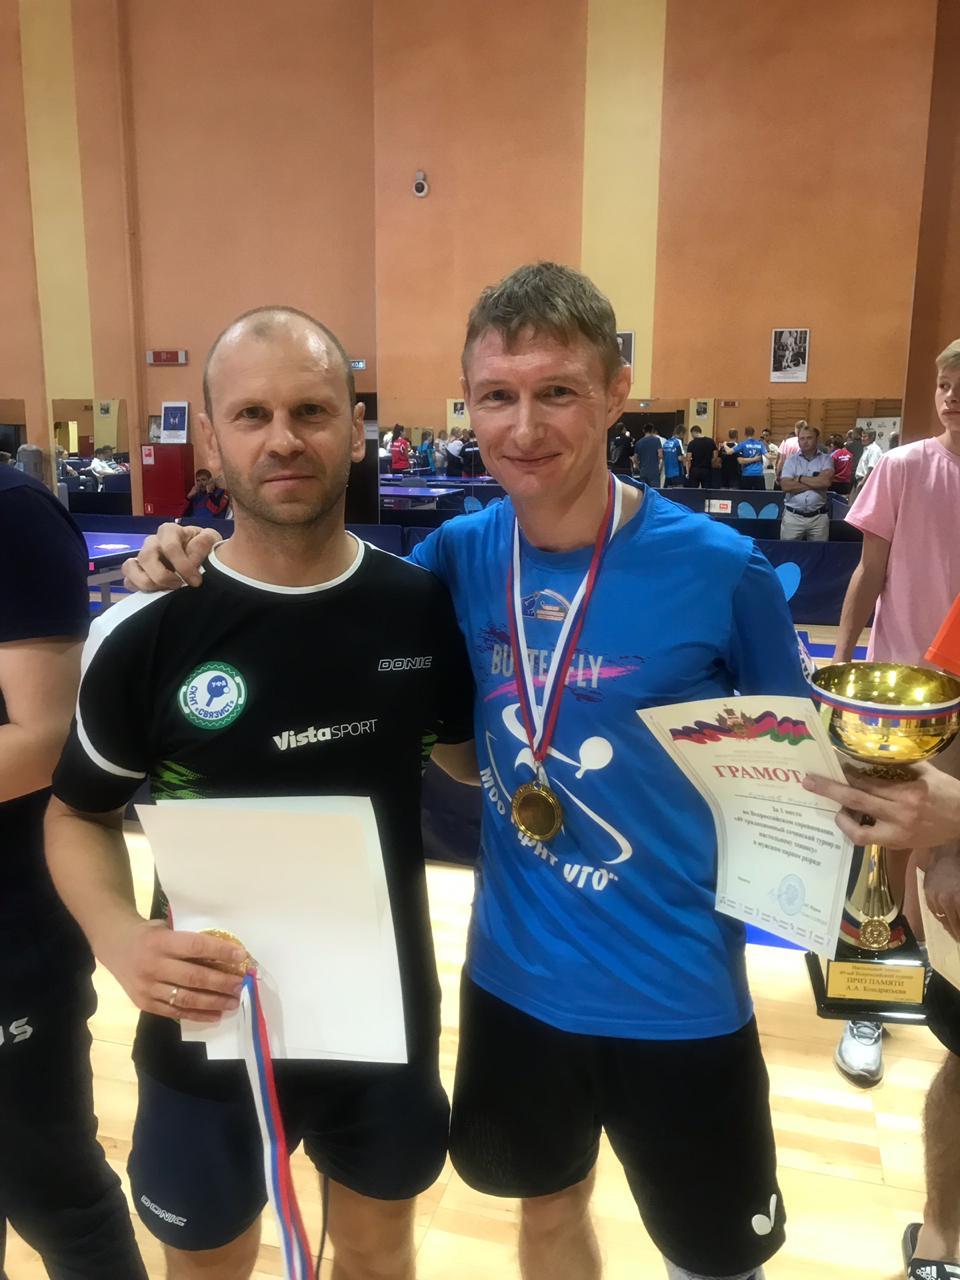 Михаил Бутылев (справа) и Денис Гаврилов. Эта и все следующие фотографии предоставлены Михаилом Бутылевым.